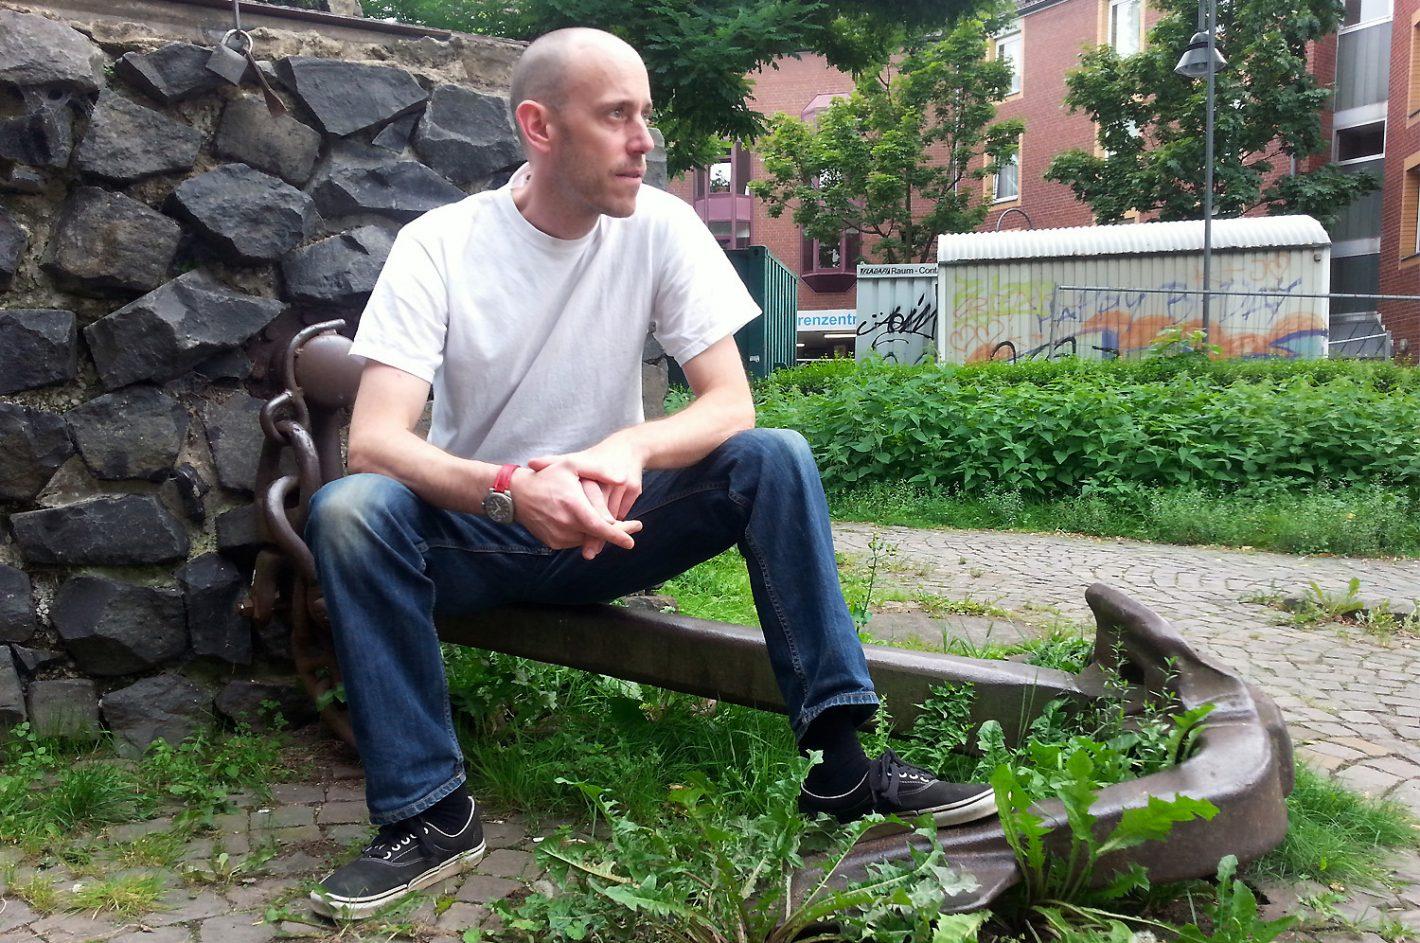 Mann sitzt auf Anker